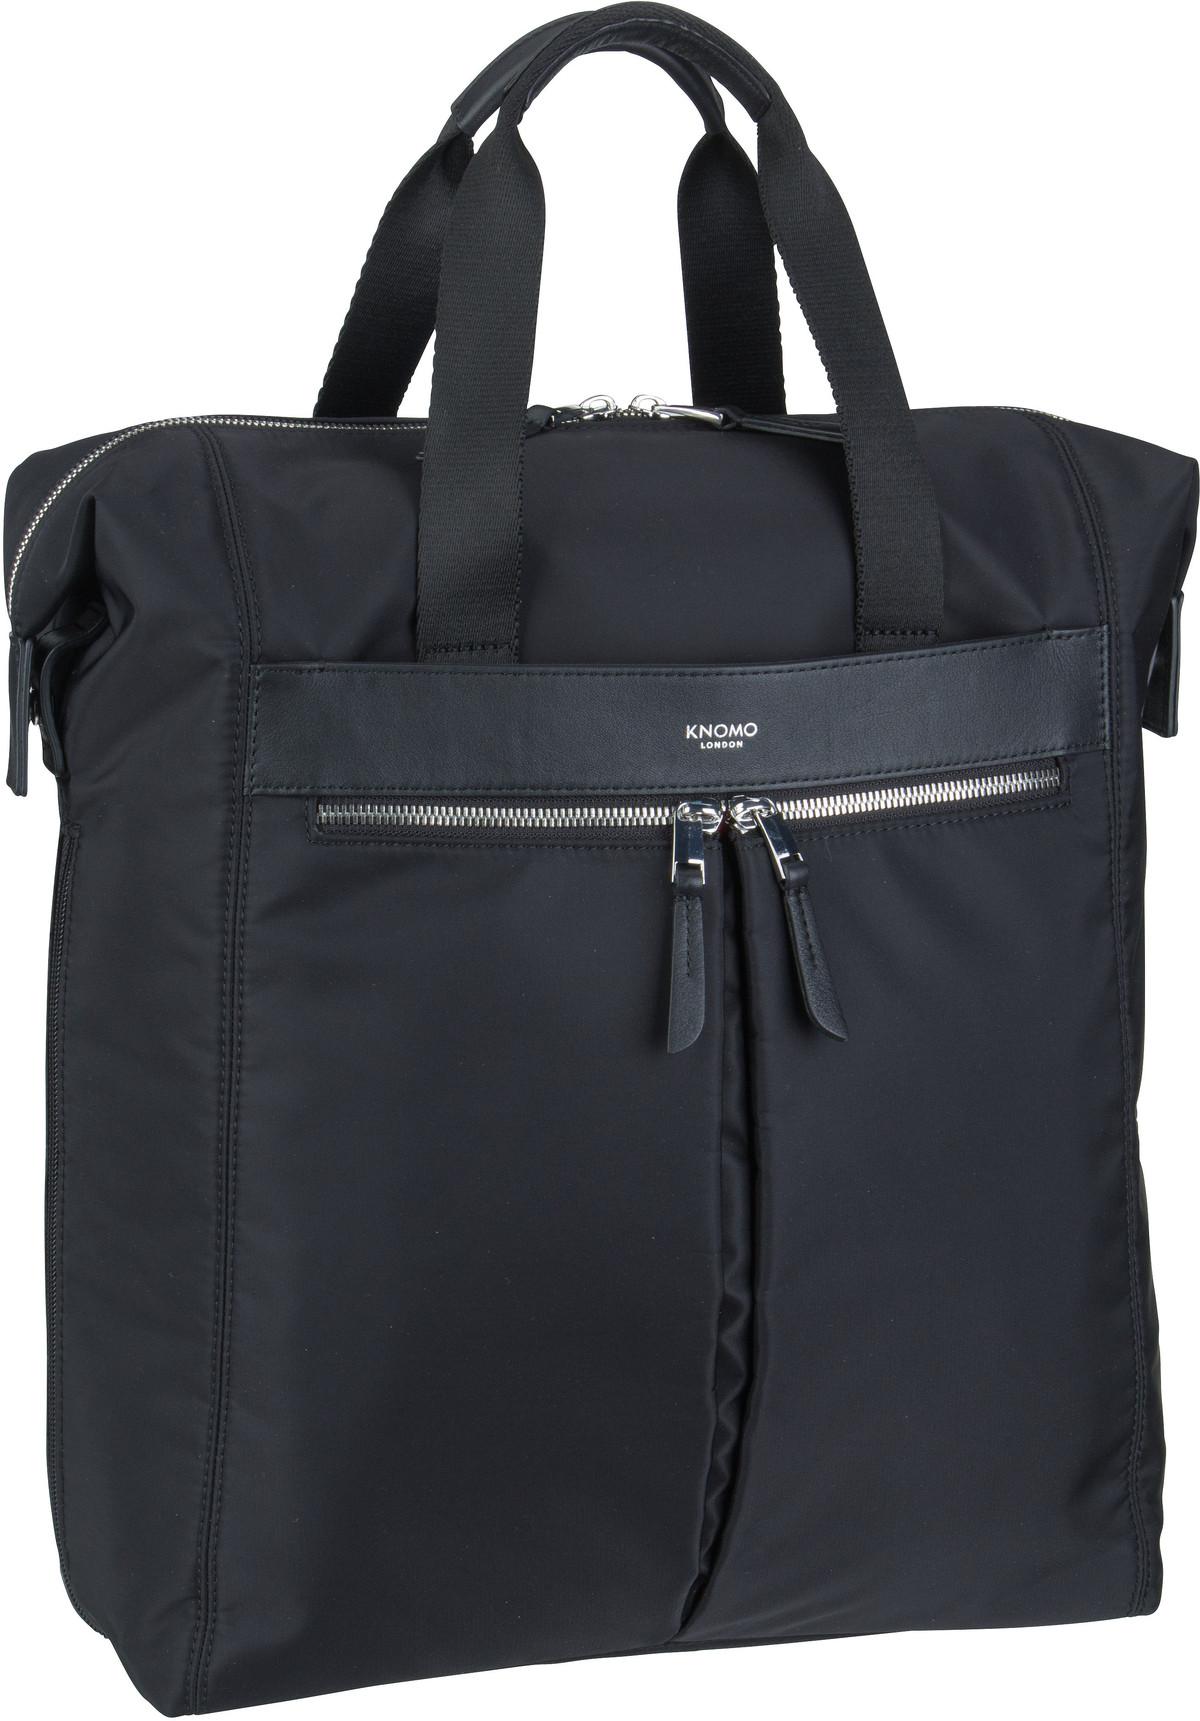 Handtasche Mayfair Chiltern 15.6'' RFID Black/Silver